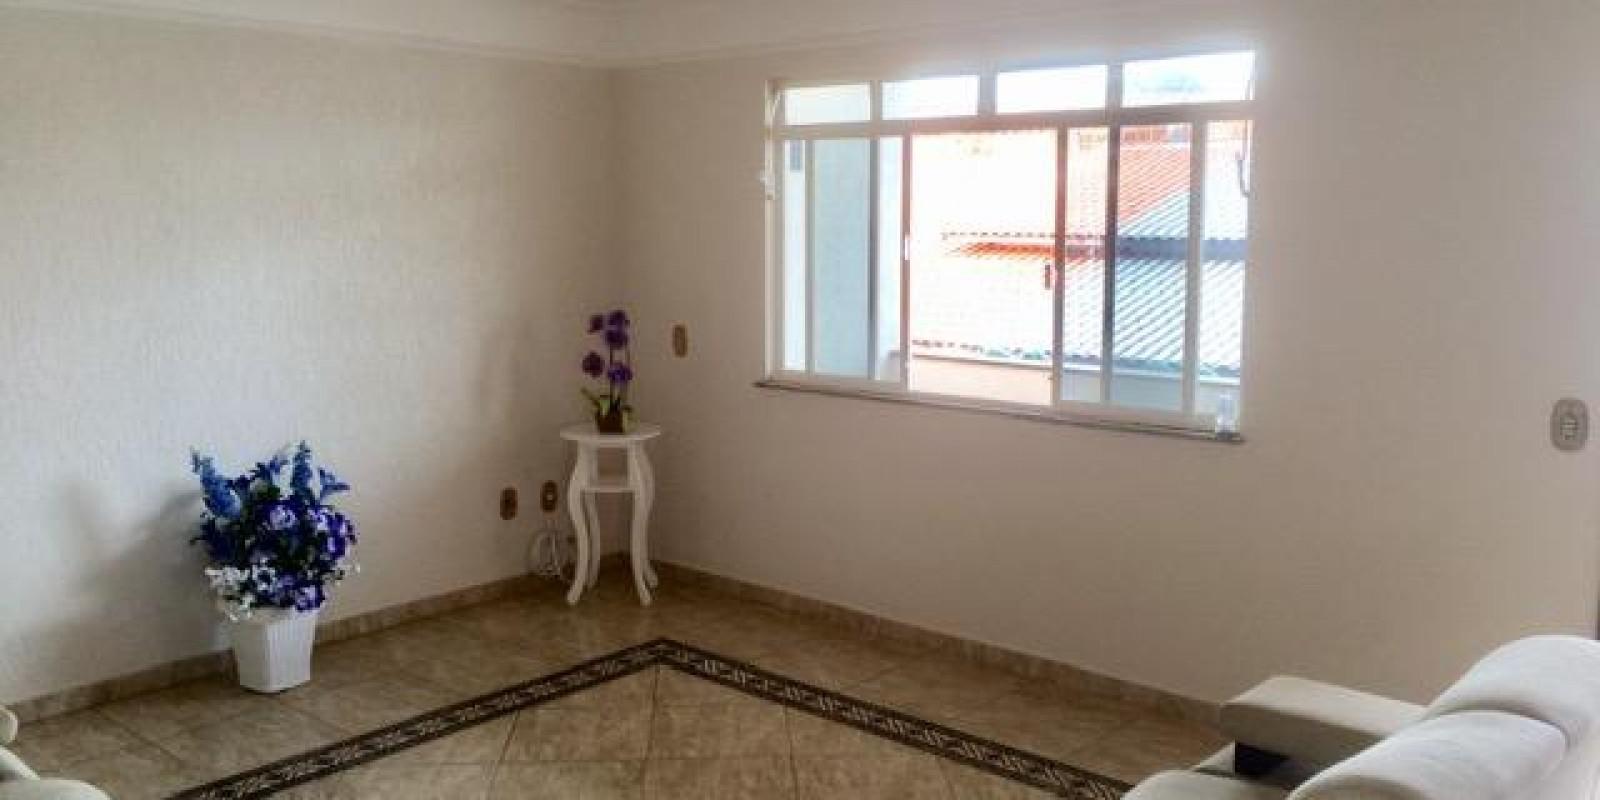 Casa no Bairro Jardim São Paulo em Avaré SP - Foto 19 de 20